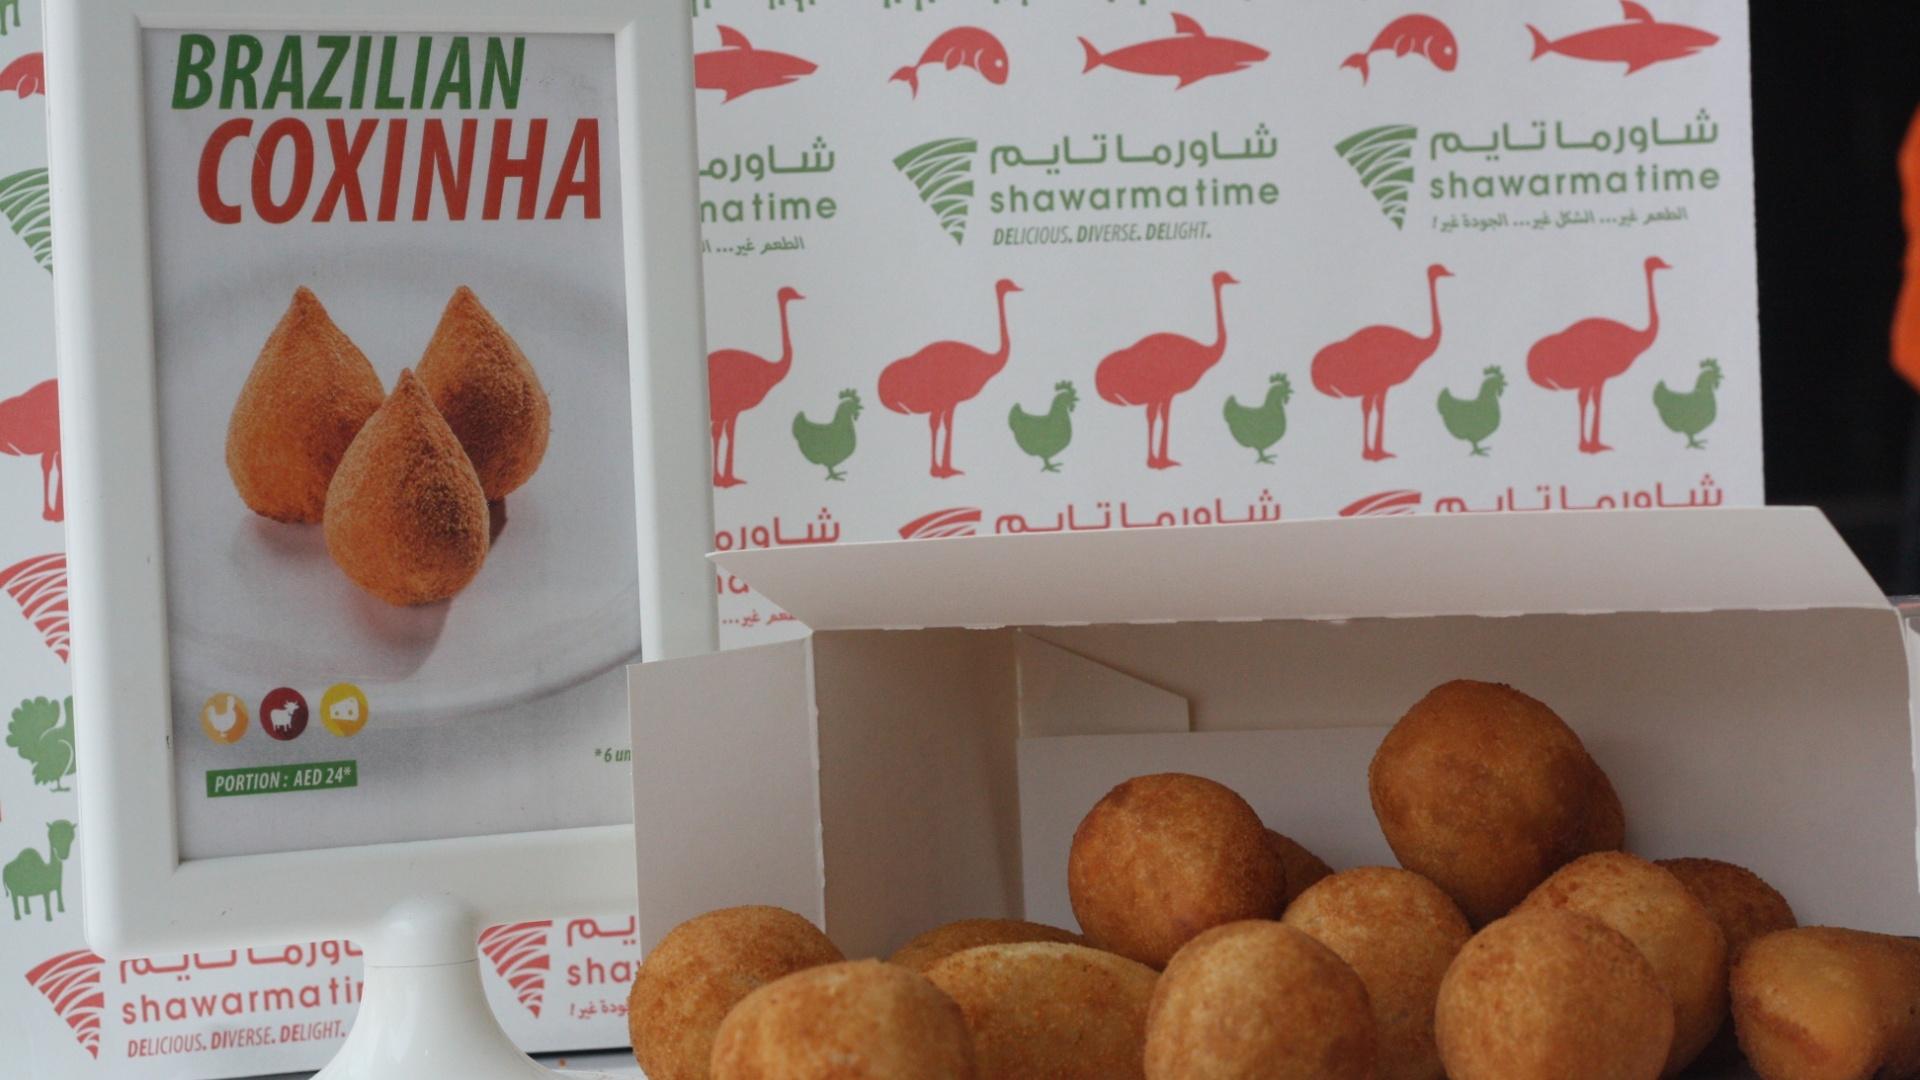 Gula Dubai coxinhas